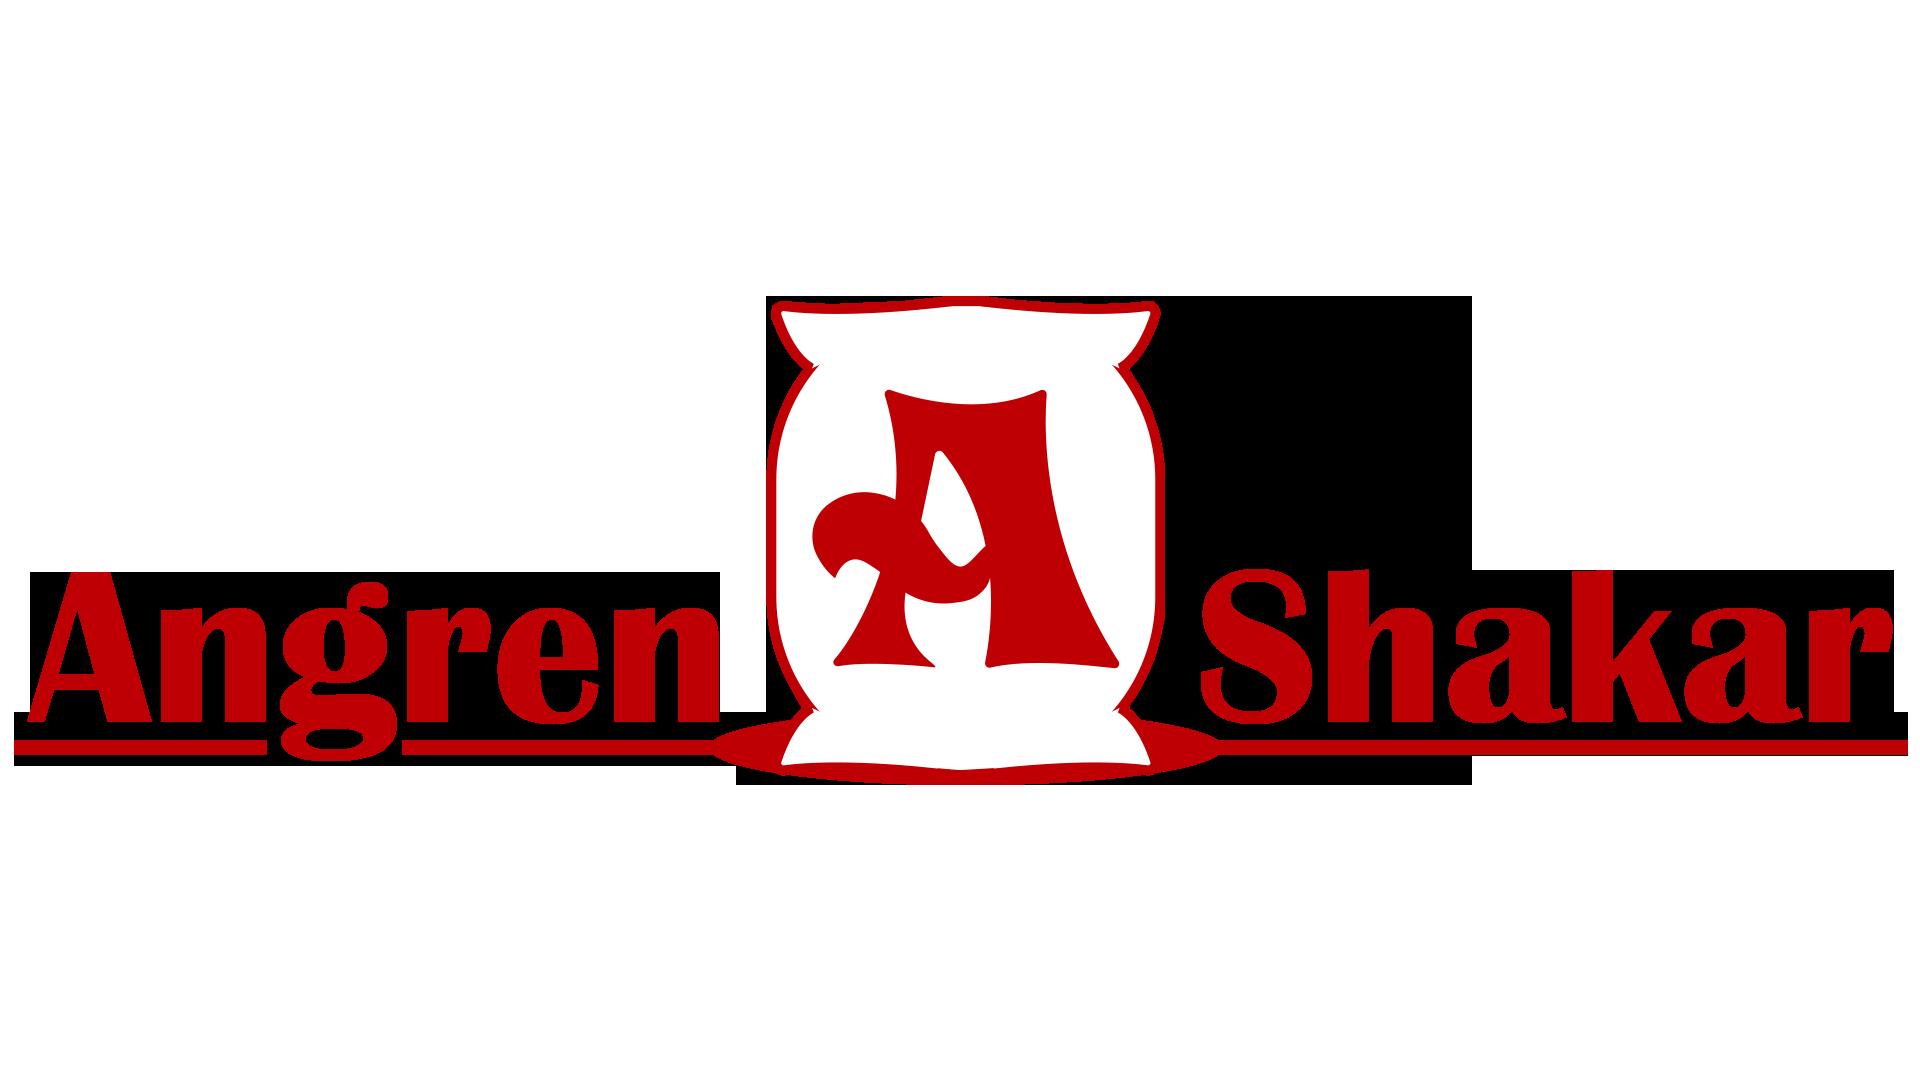 AngrenShakar